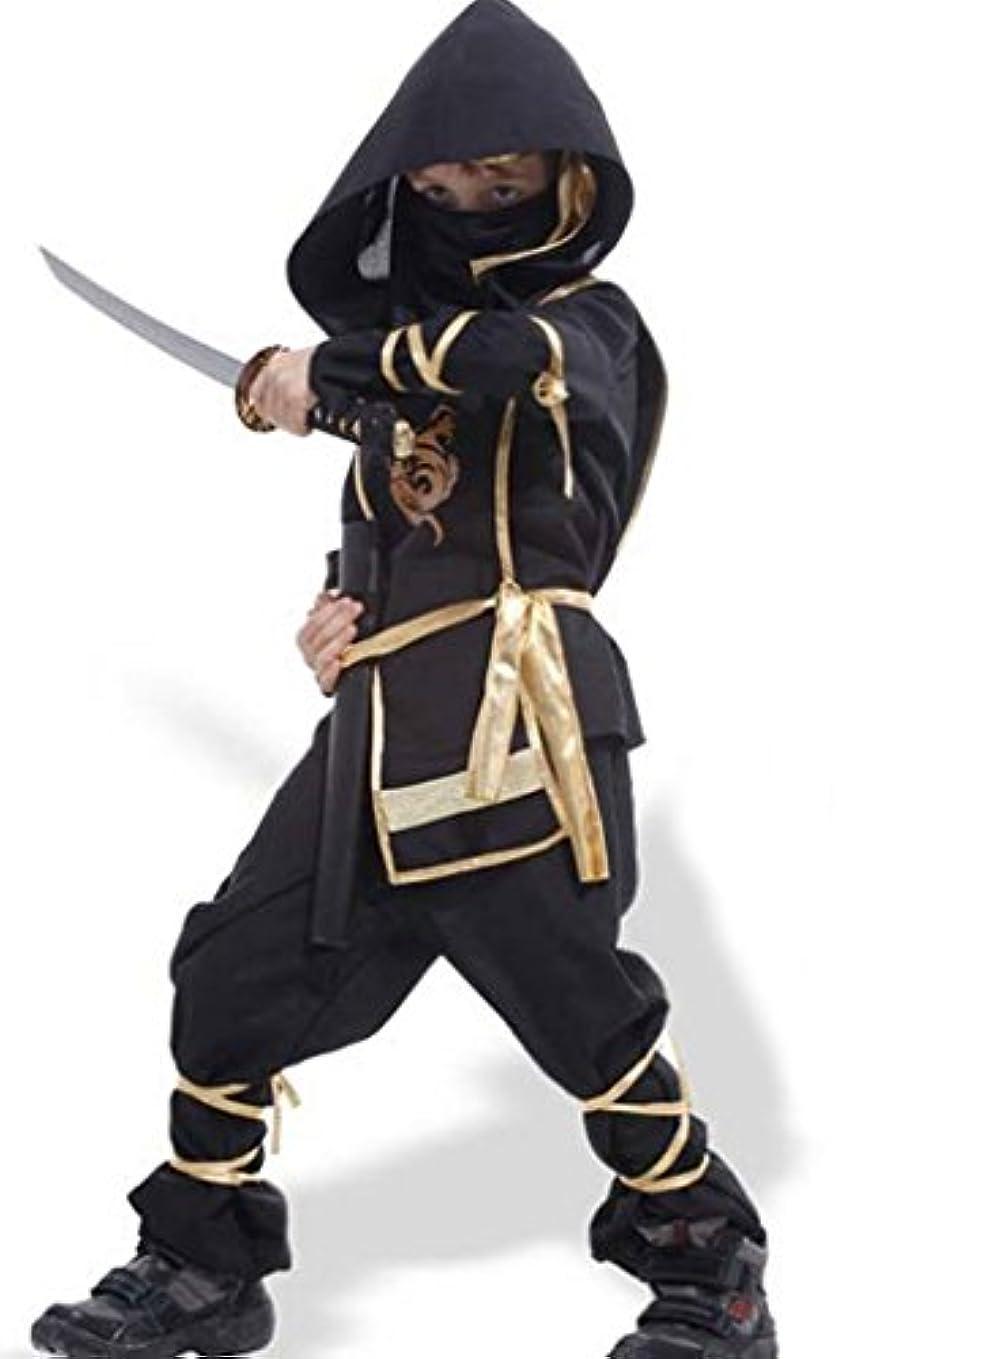 下る倒産シェル憧れの忍者になれる キッズ 子供用 忍者 コスプレ 衣装 ハロウィン 仮装 パーティー (Mサイズ)